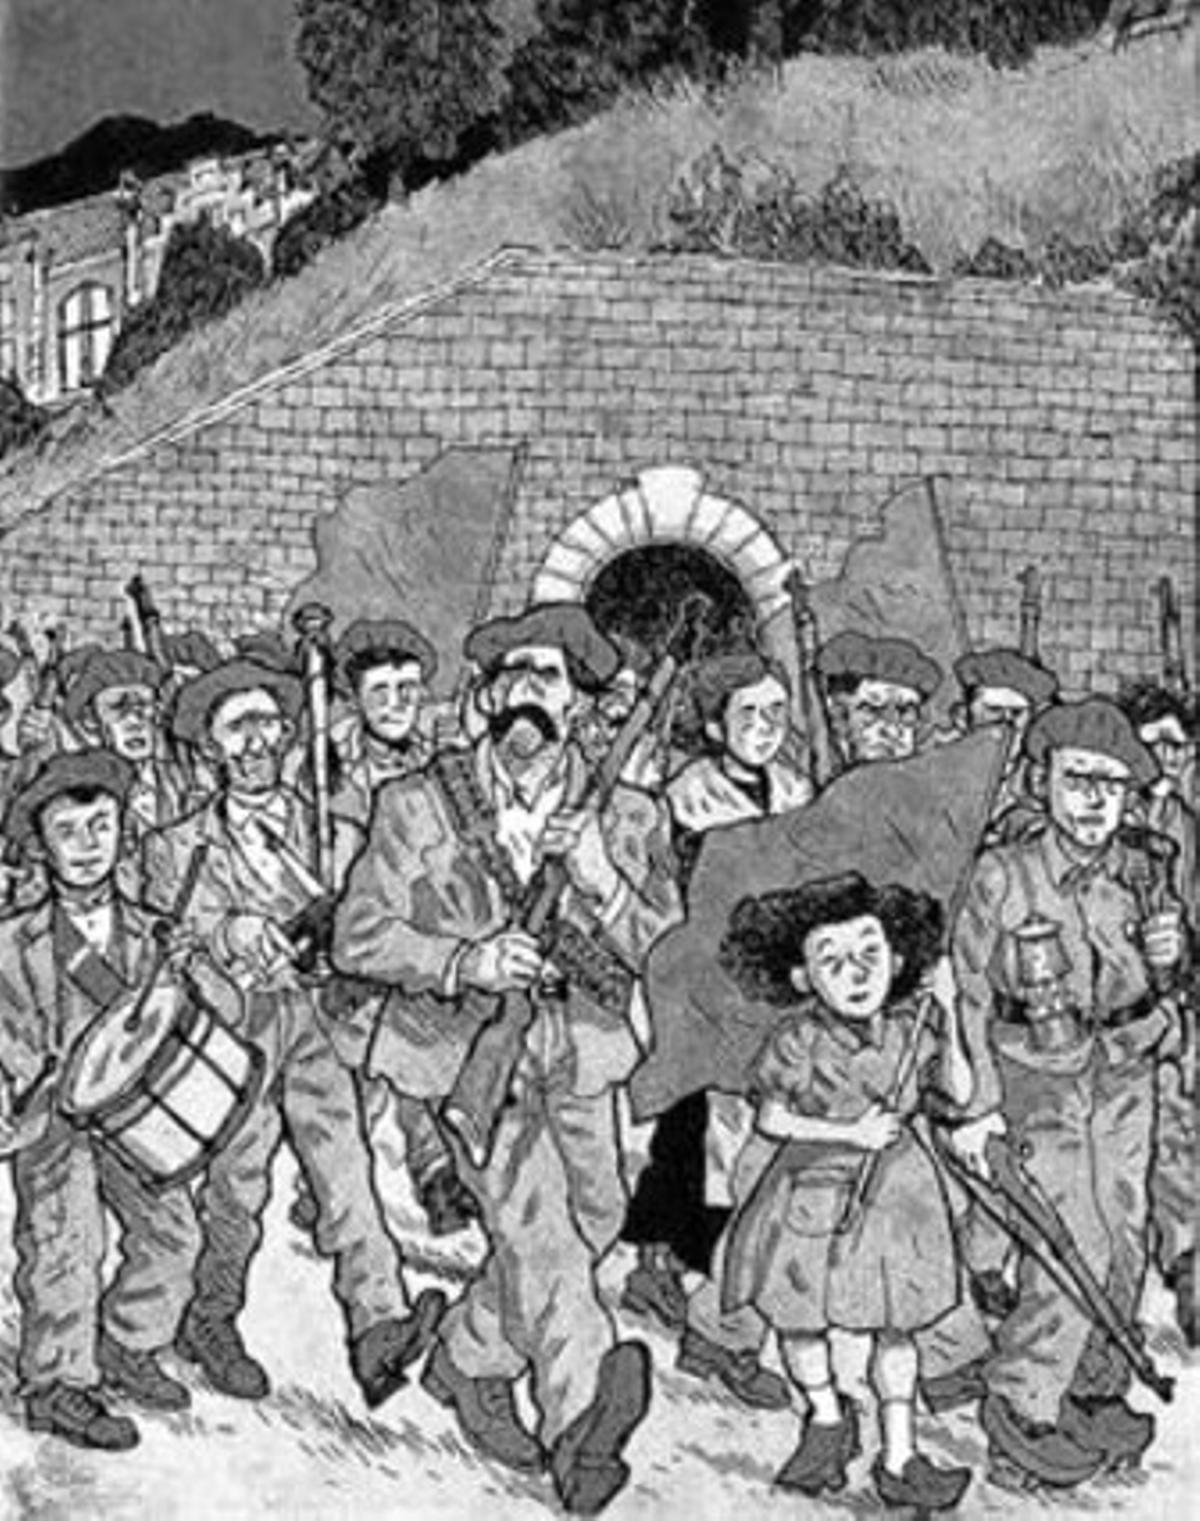 Viñetas de 'La balada del Norte' que muestran la insurrección (izquierda) y escenas de la rutina en el interior de la mina y del drama tras un accidente en el interior del pozo.